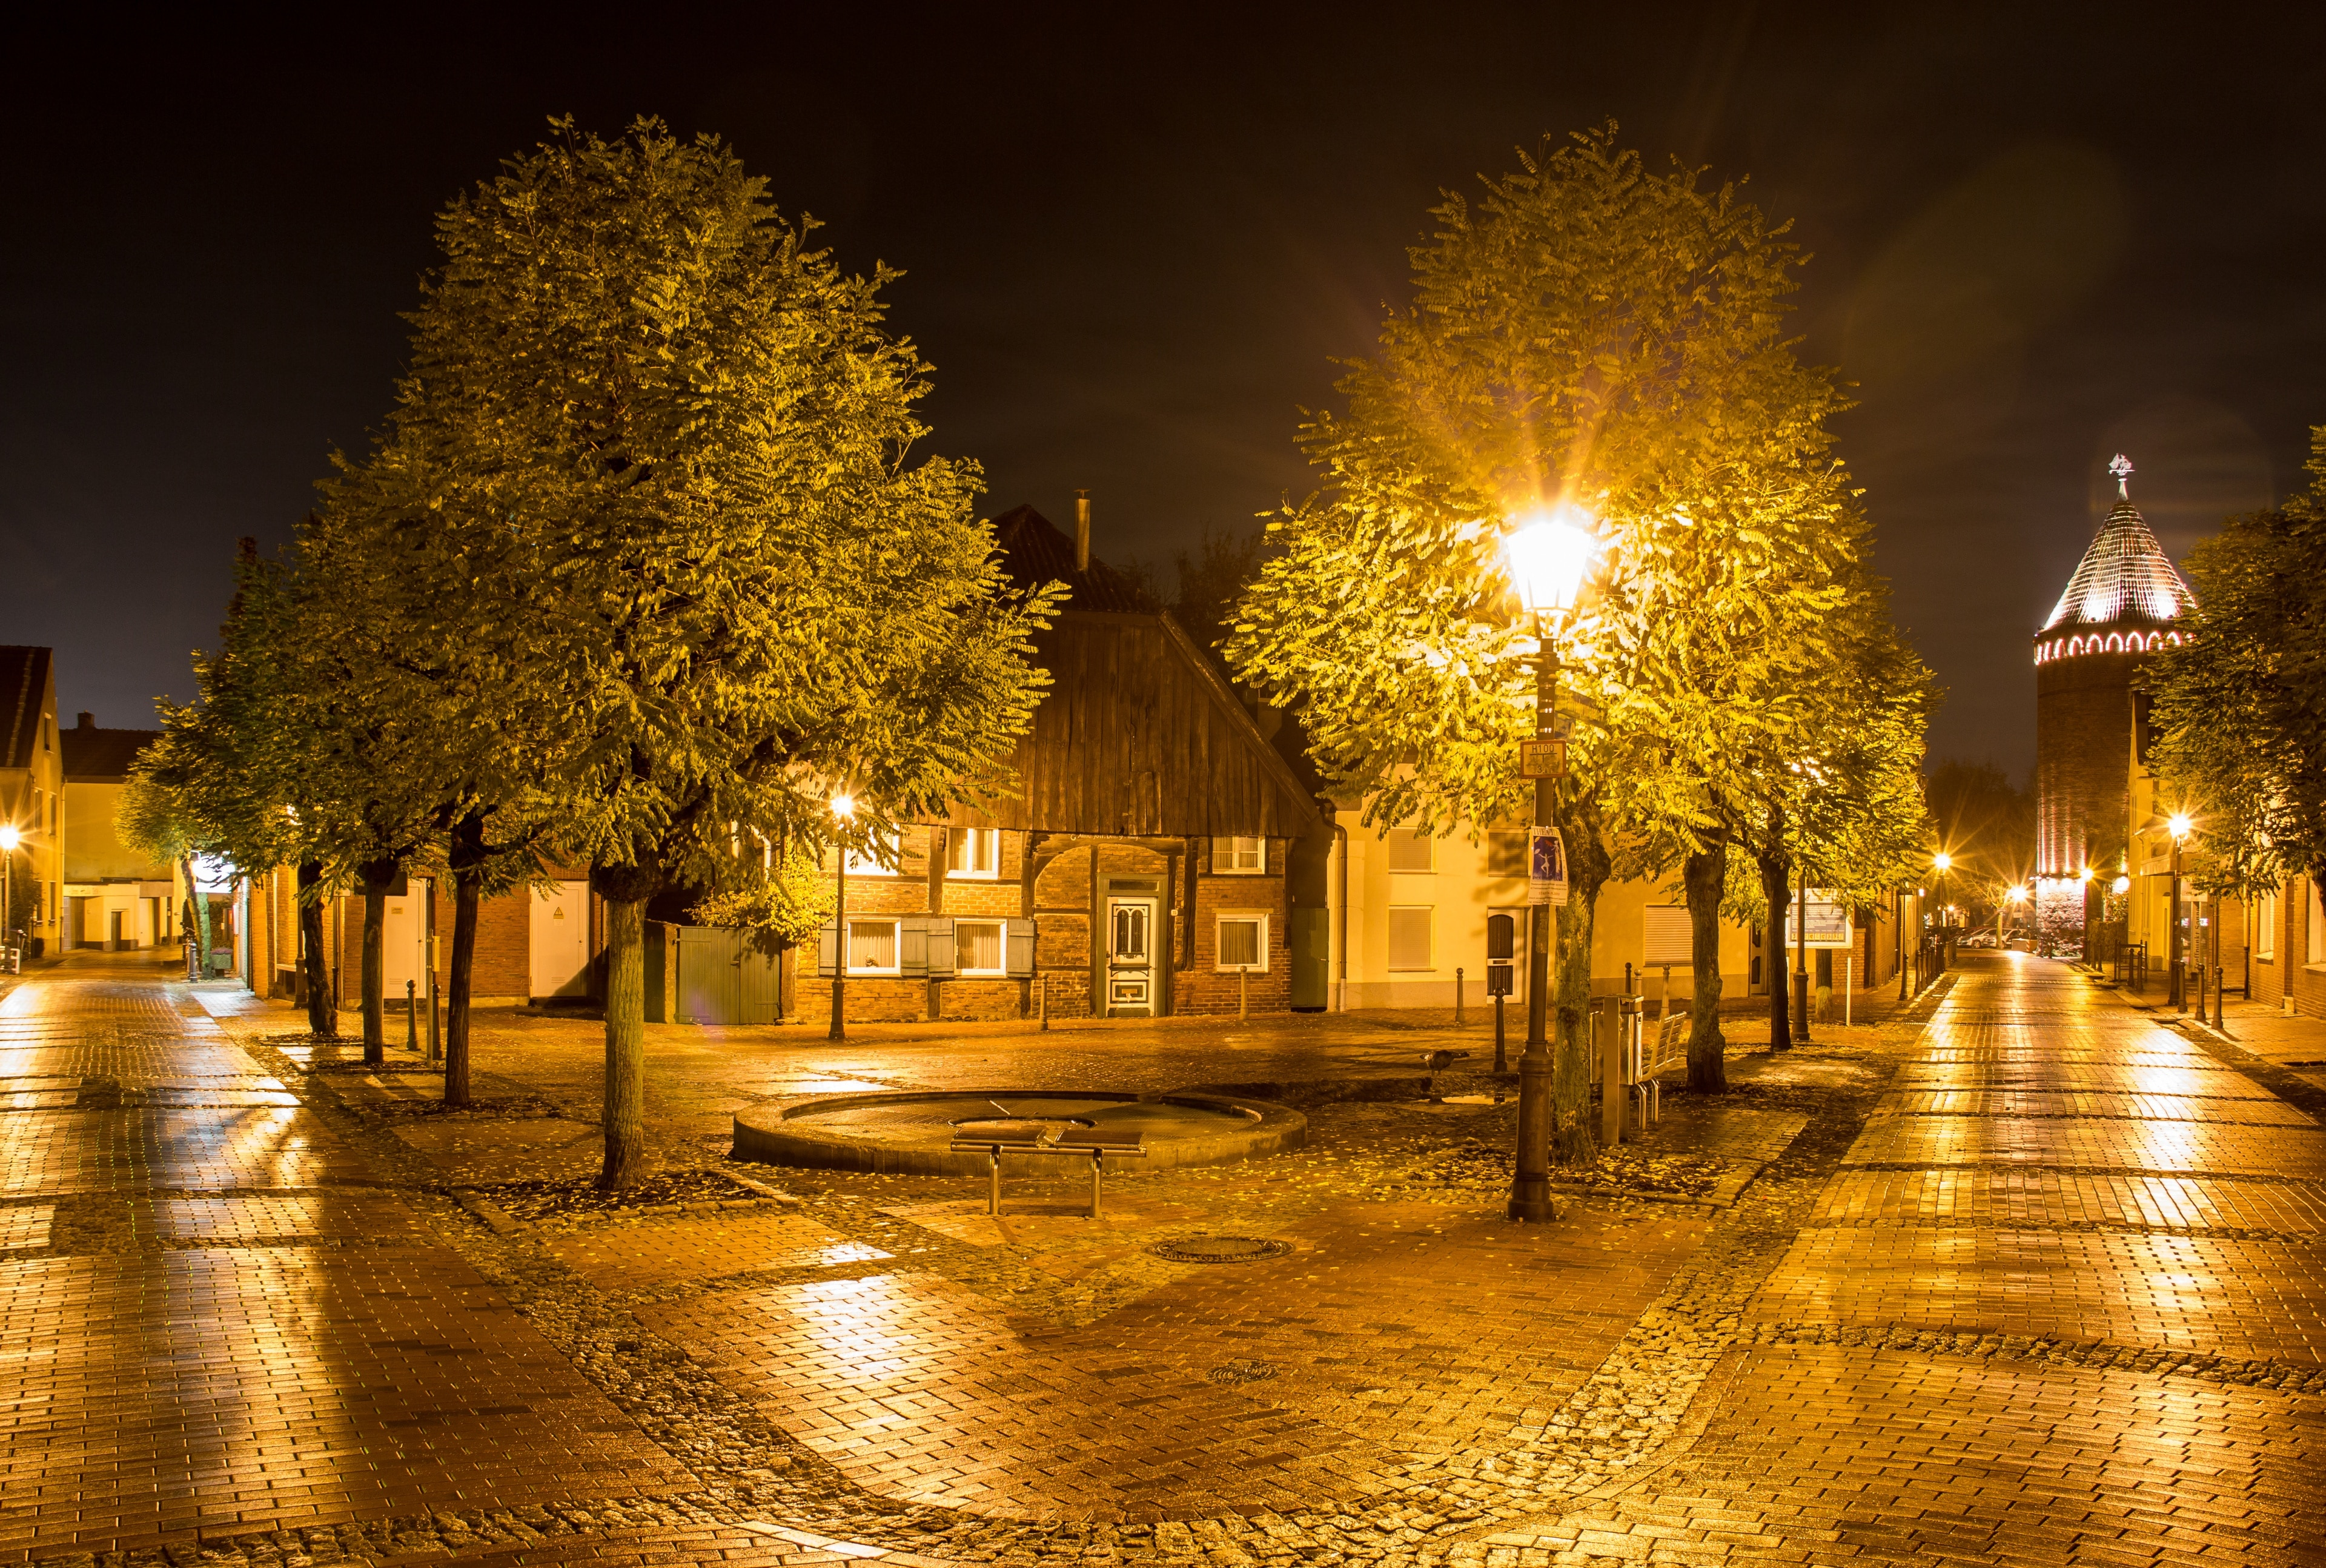 Haltern, Nordrhein-Westfalen, Deutschland